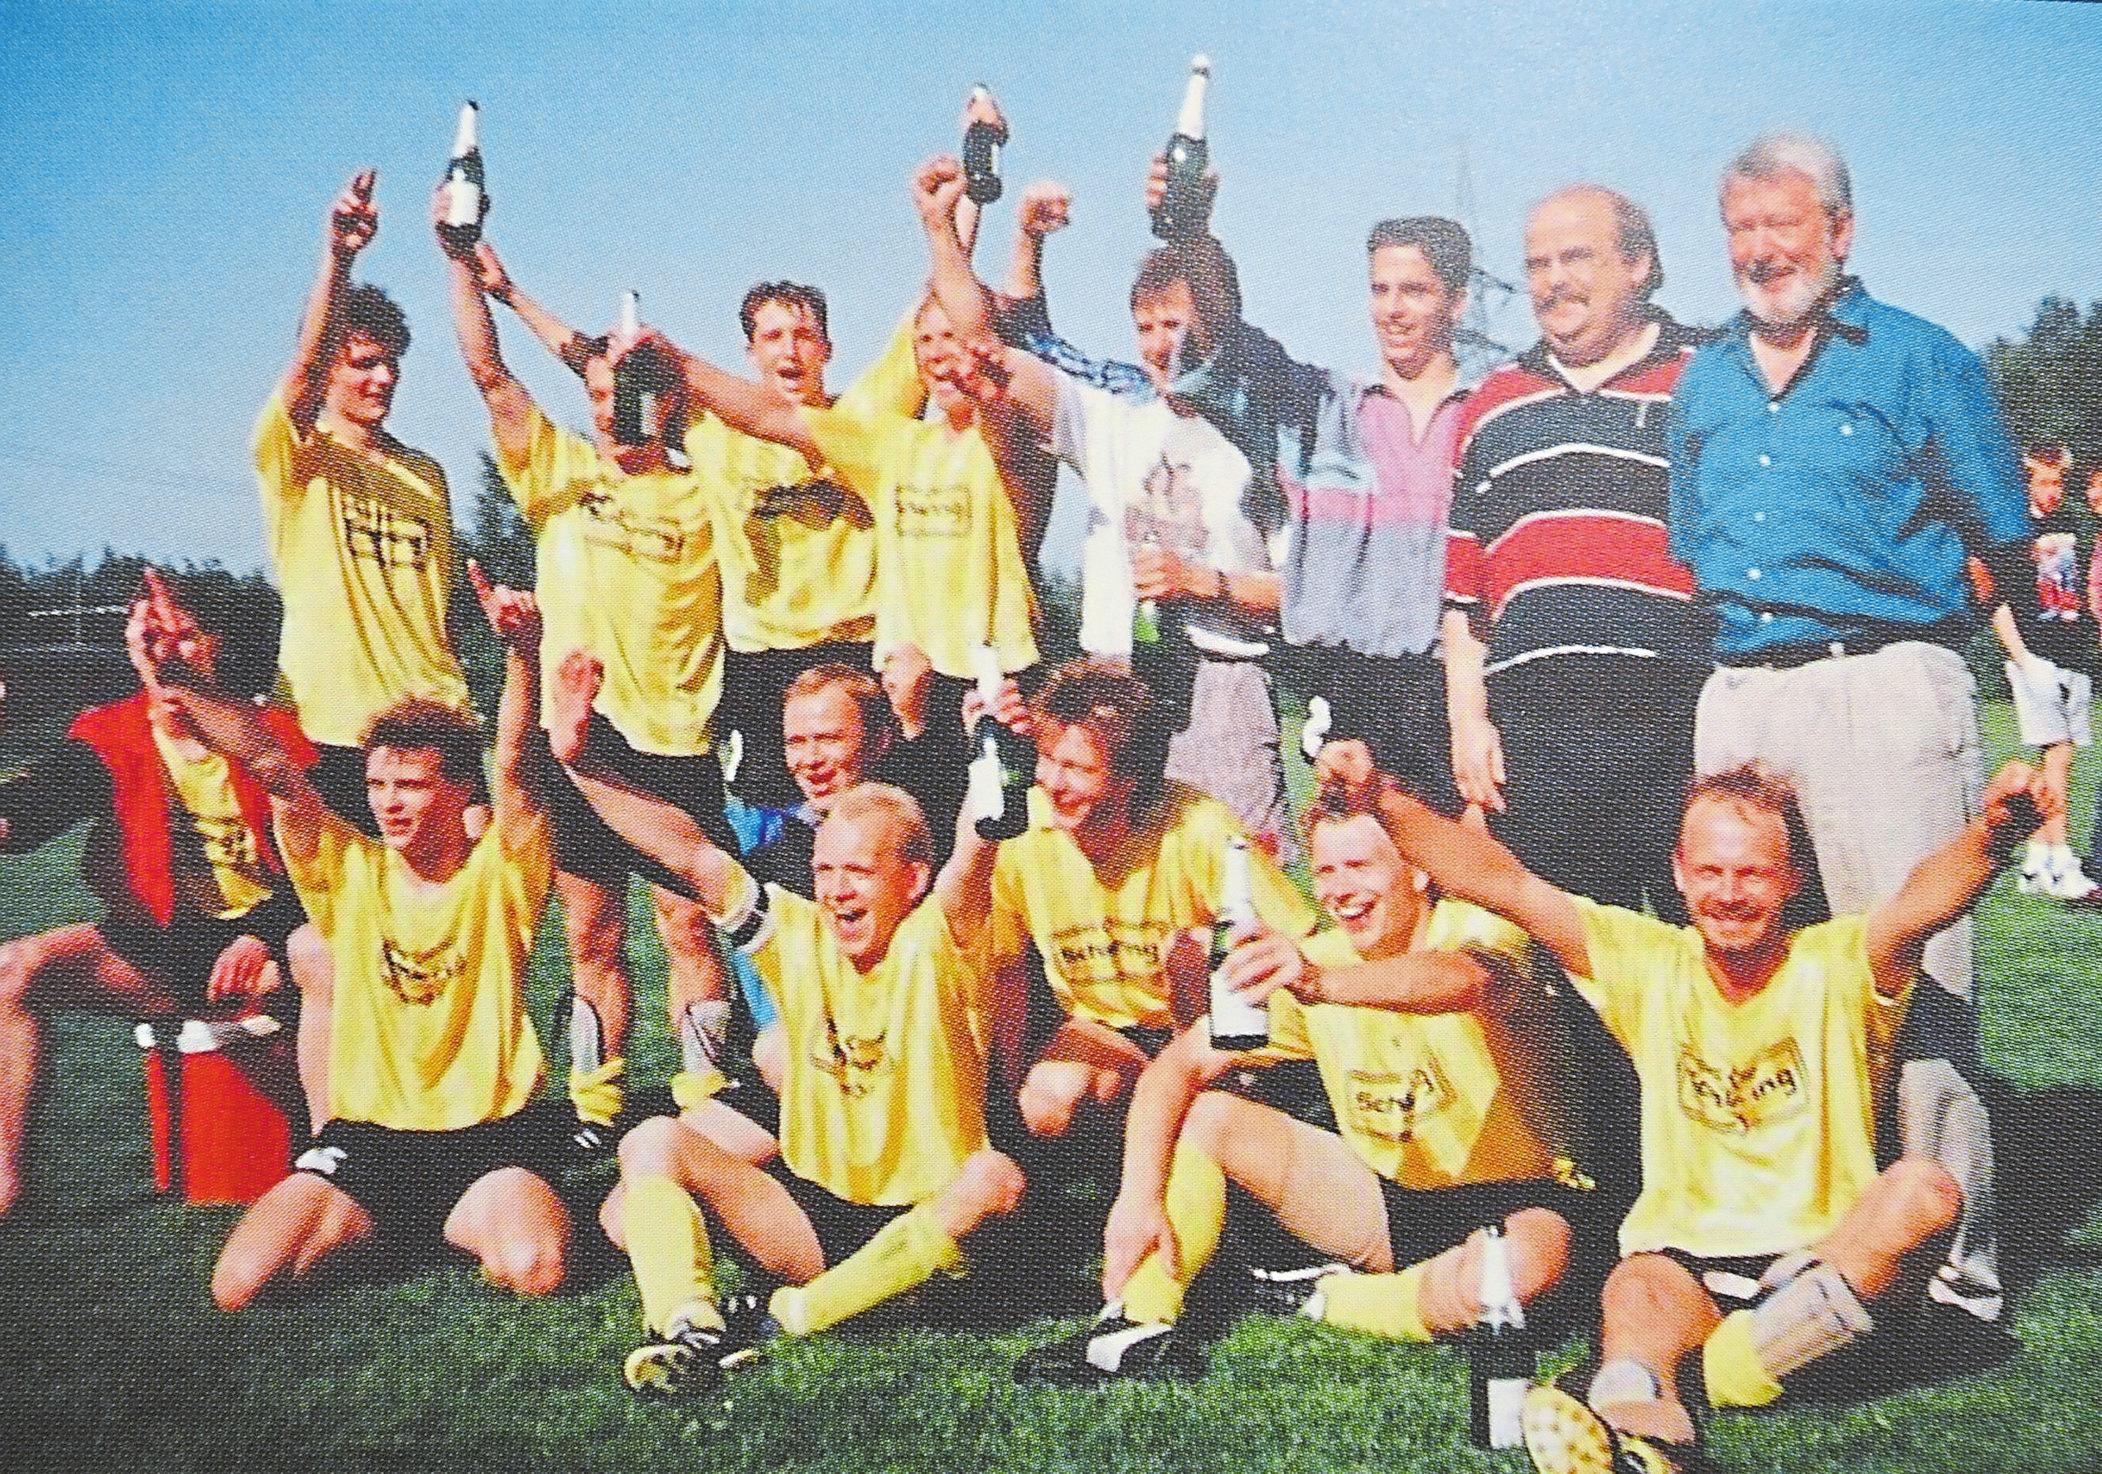 Gefeiert wurde 1993 nach dem Aufstieg in die Kreisliga A: die Mannschaft mit Trainer Ernst Mackel und Betreuer Peter Hornert.